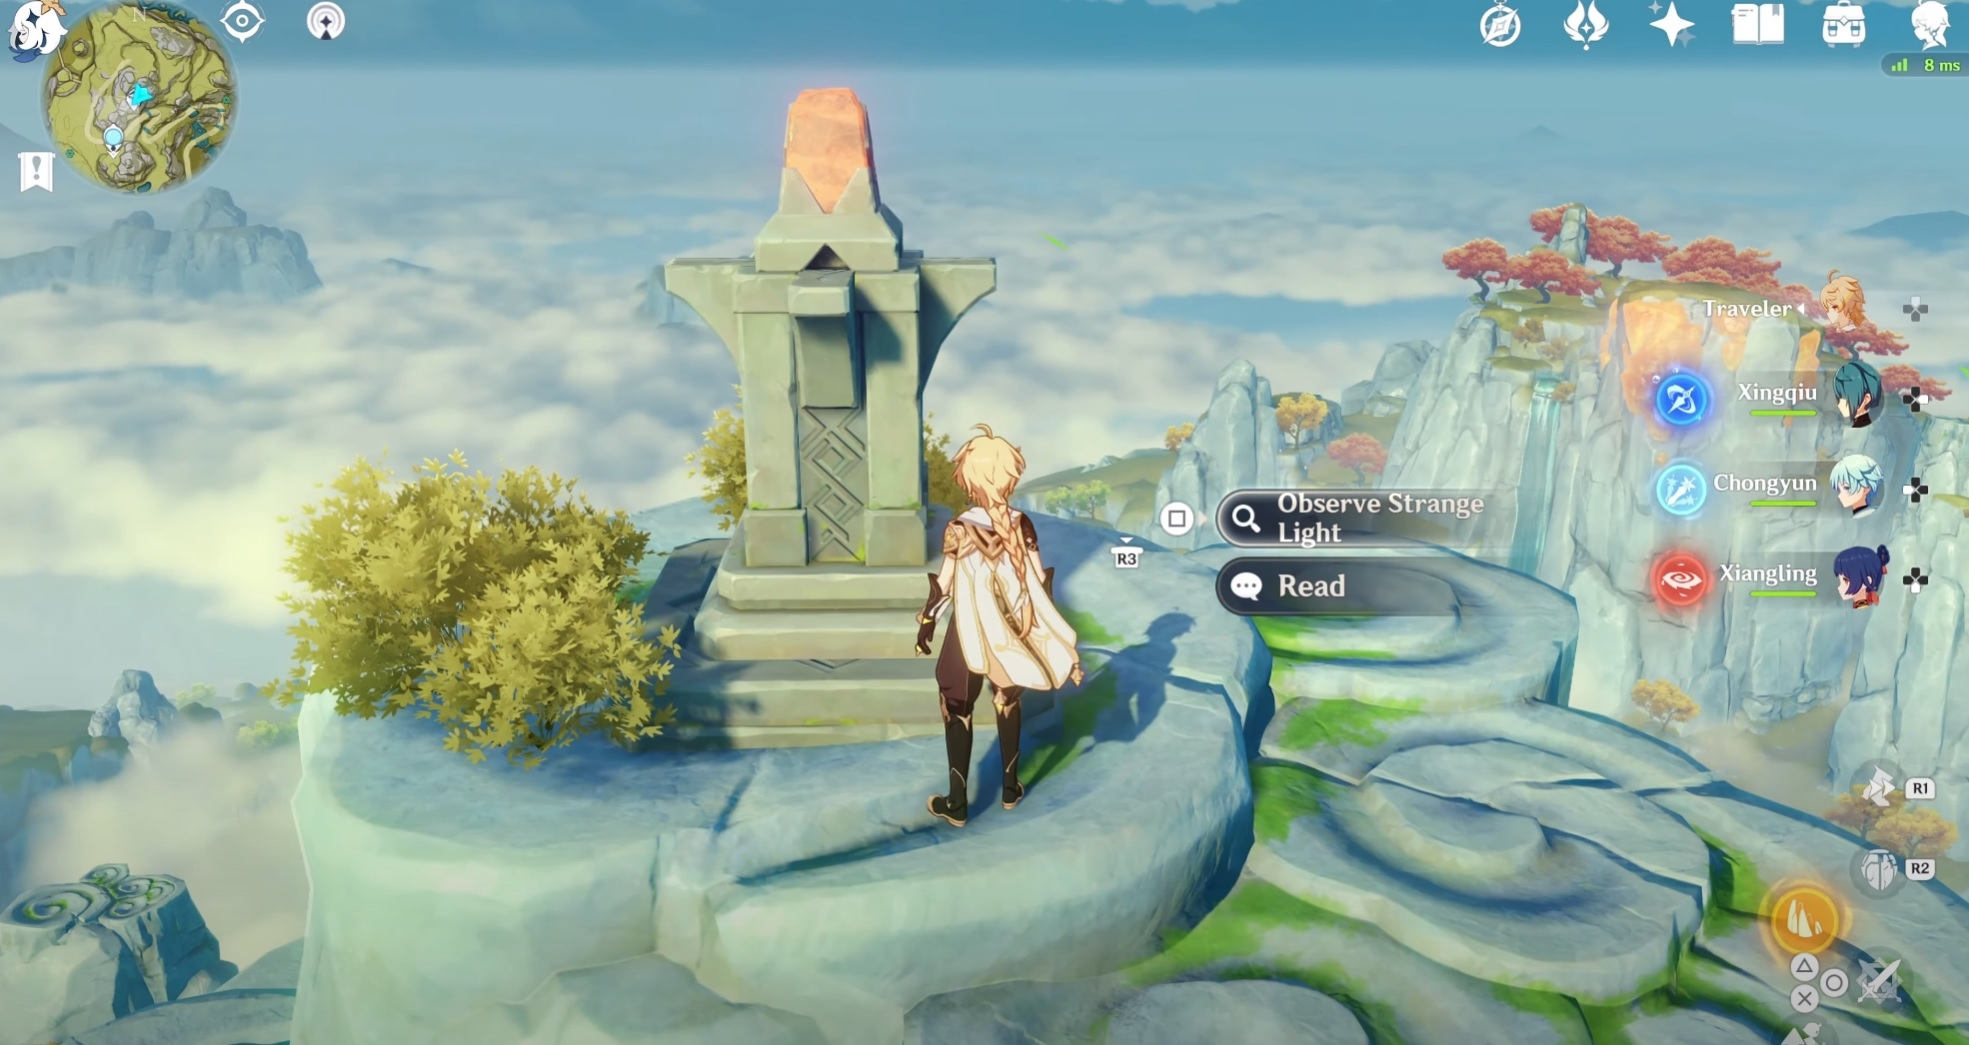 Here's what Genshin Impact looks like running on PS5 screenshot